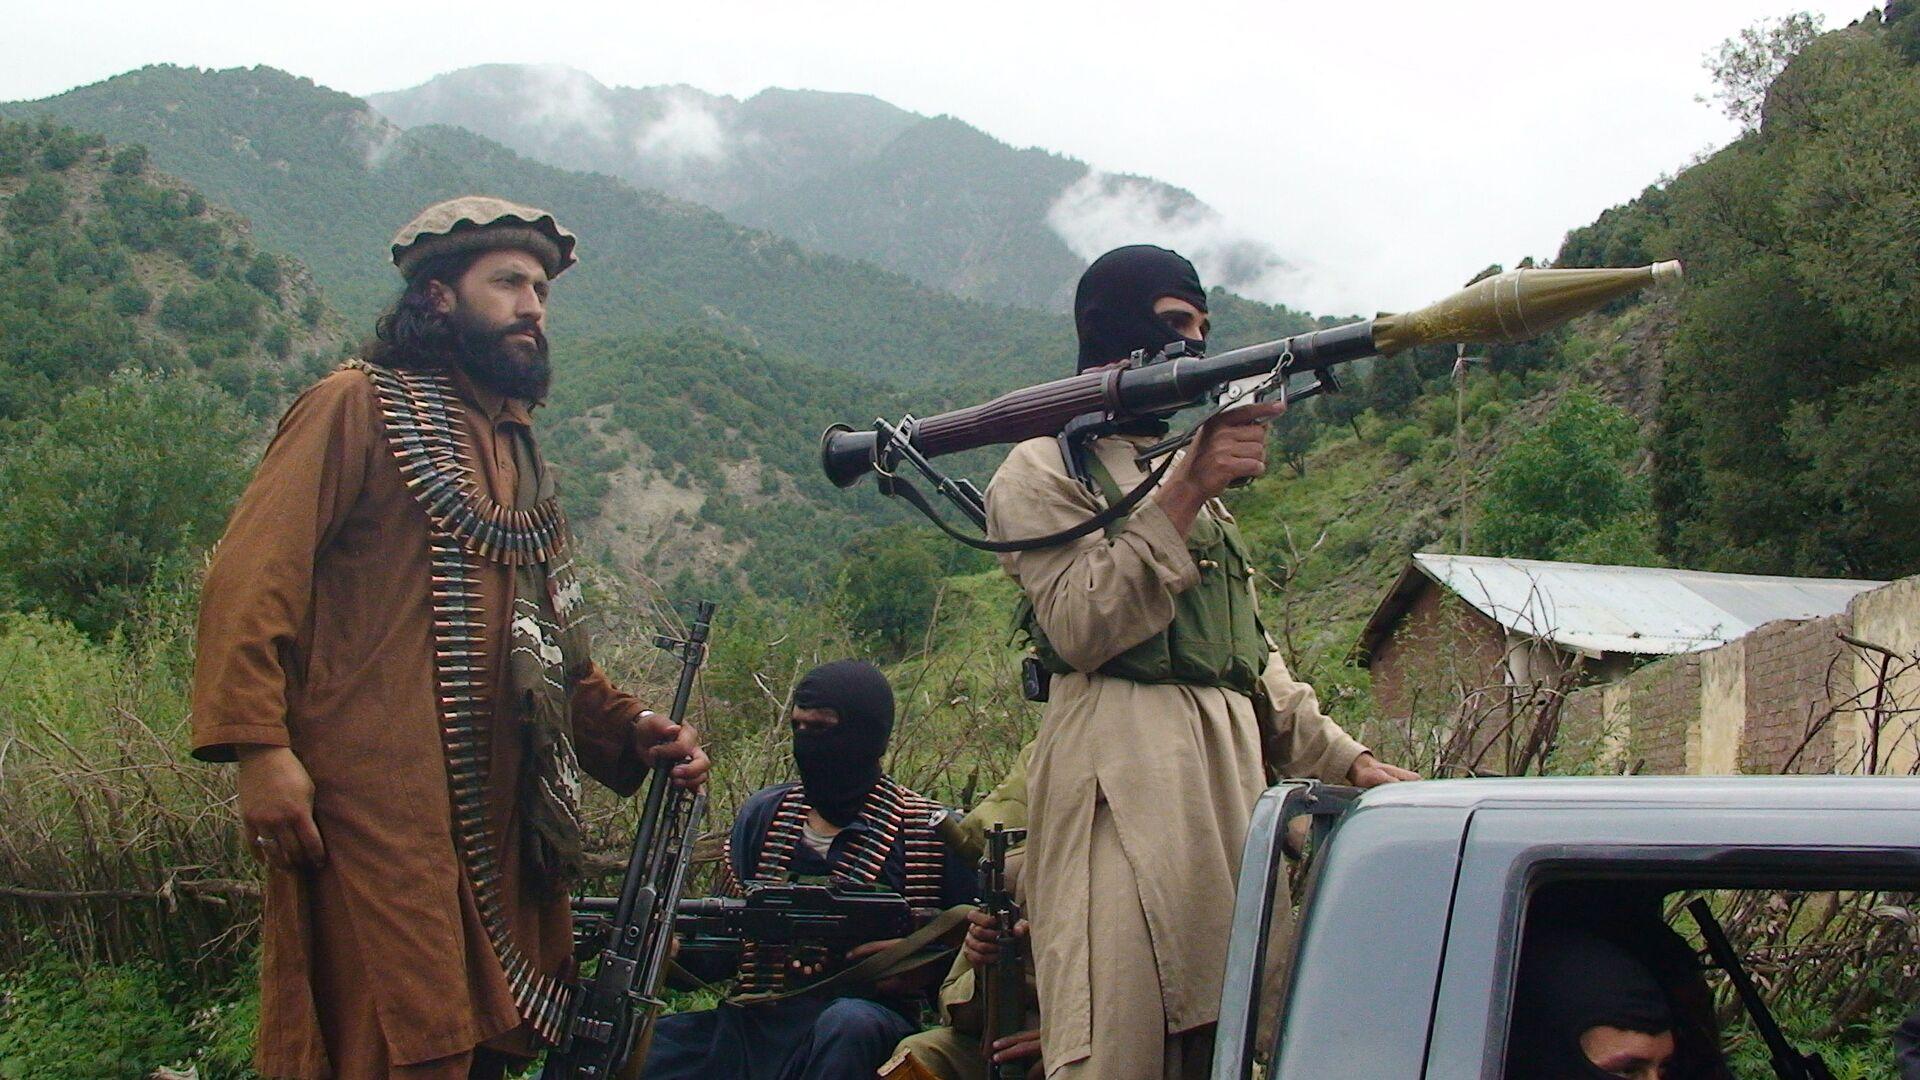 Członkowie ruchu Taliban w Południowym Waziristanie - Sputnik Polska, 1920, 17.07.2021